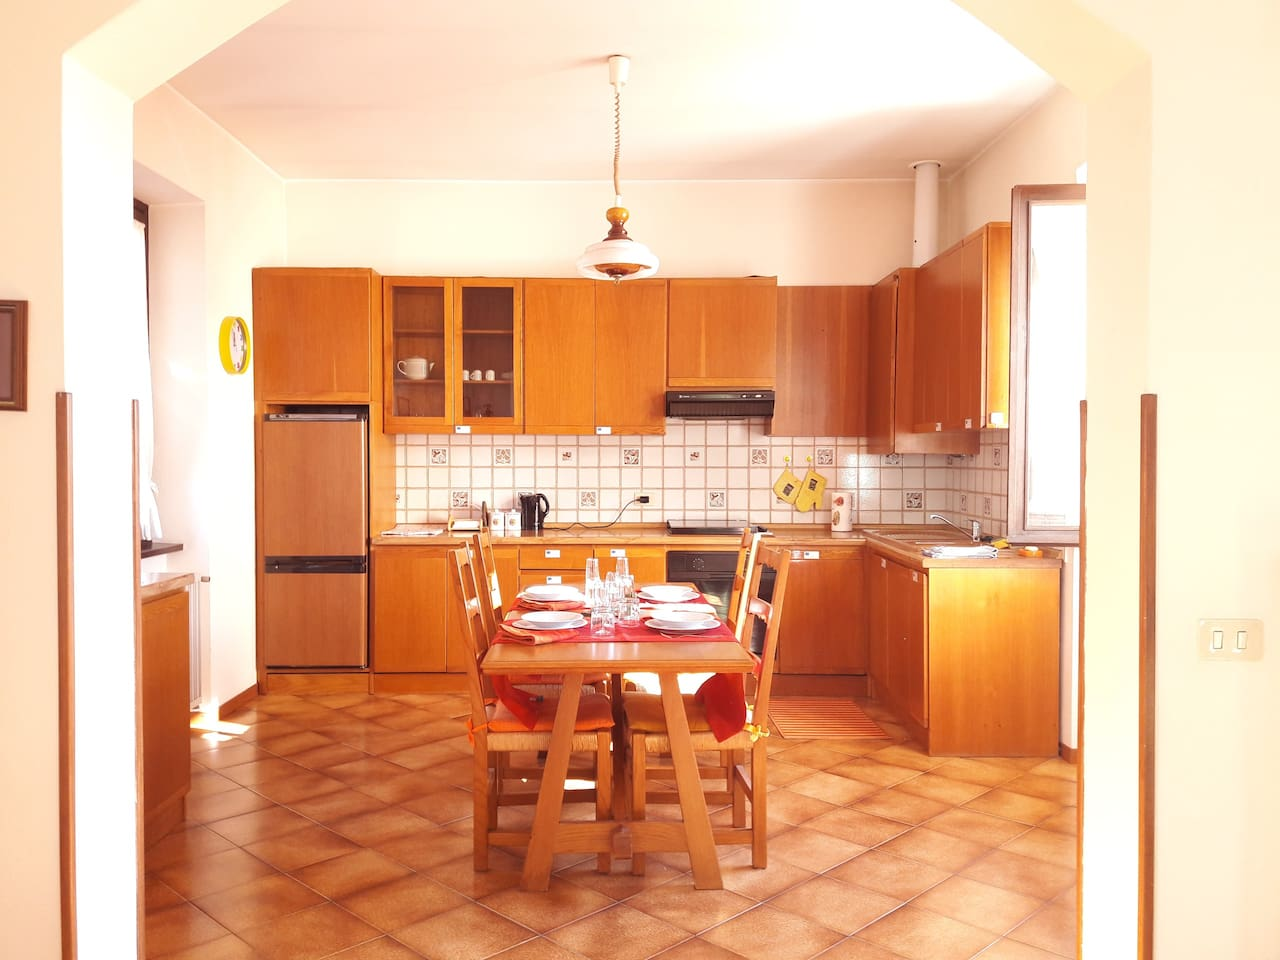 Cucina vista dal divano - Kitchen from the sofa